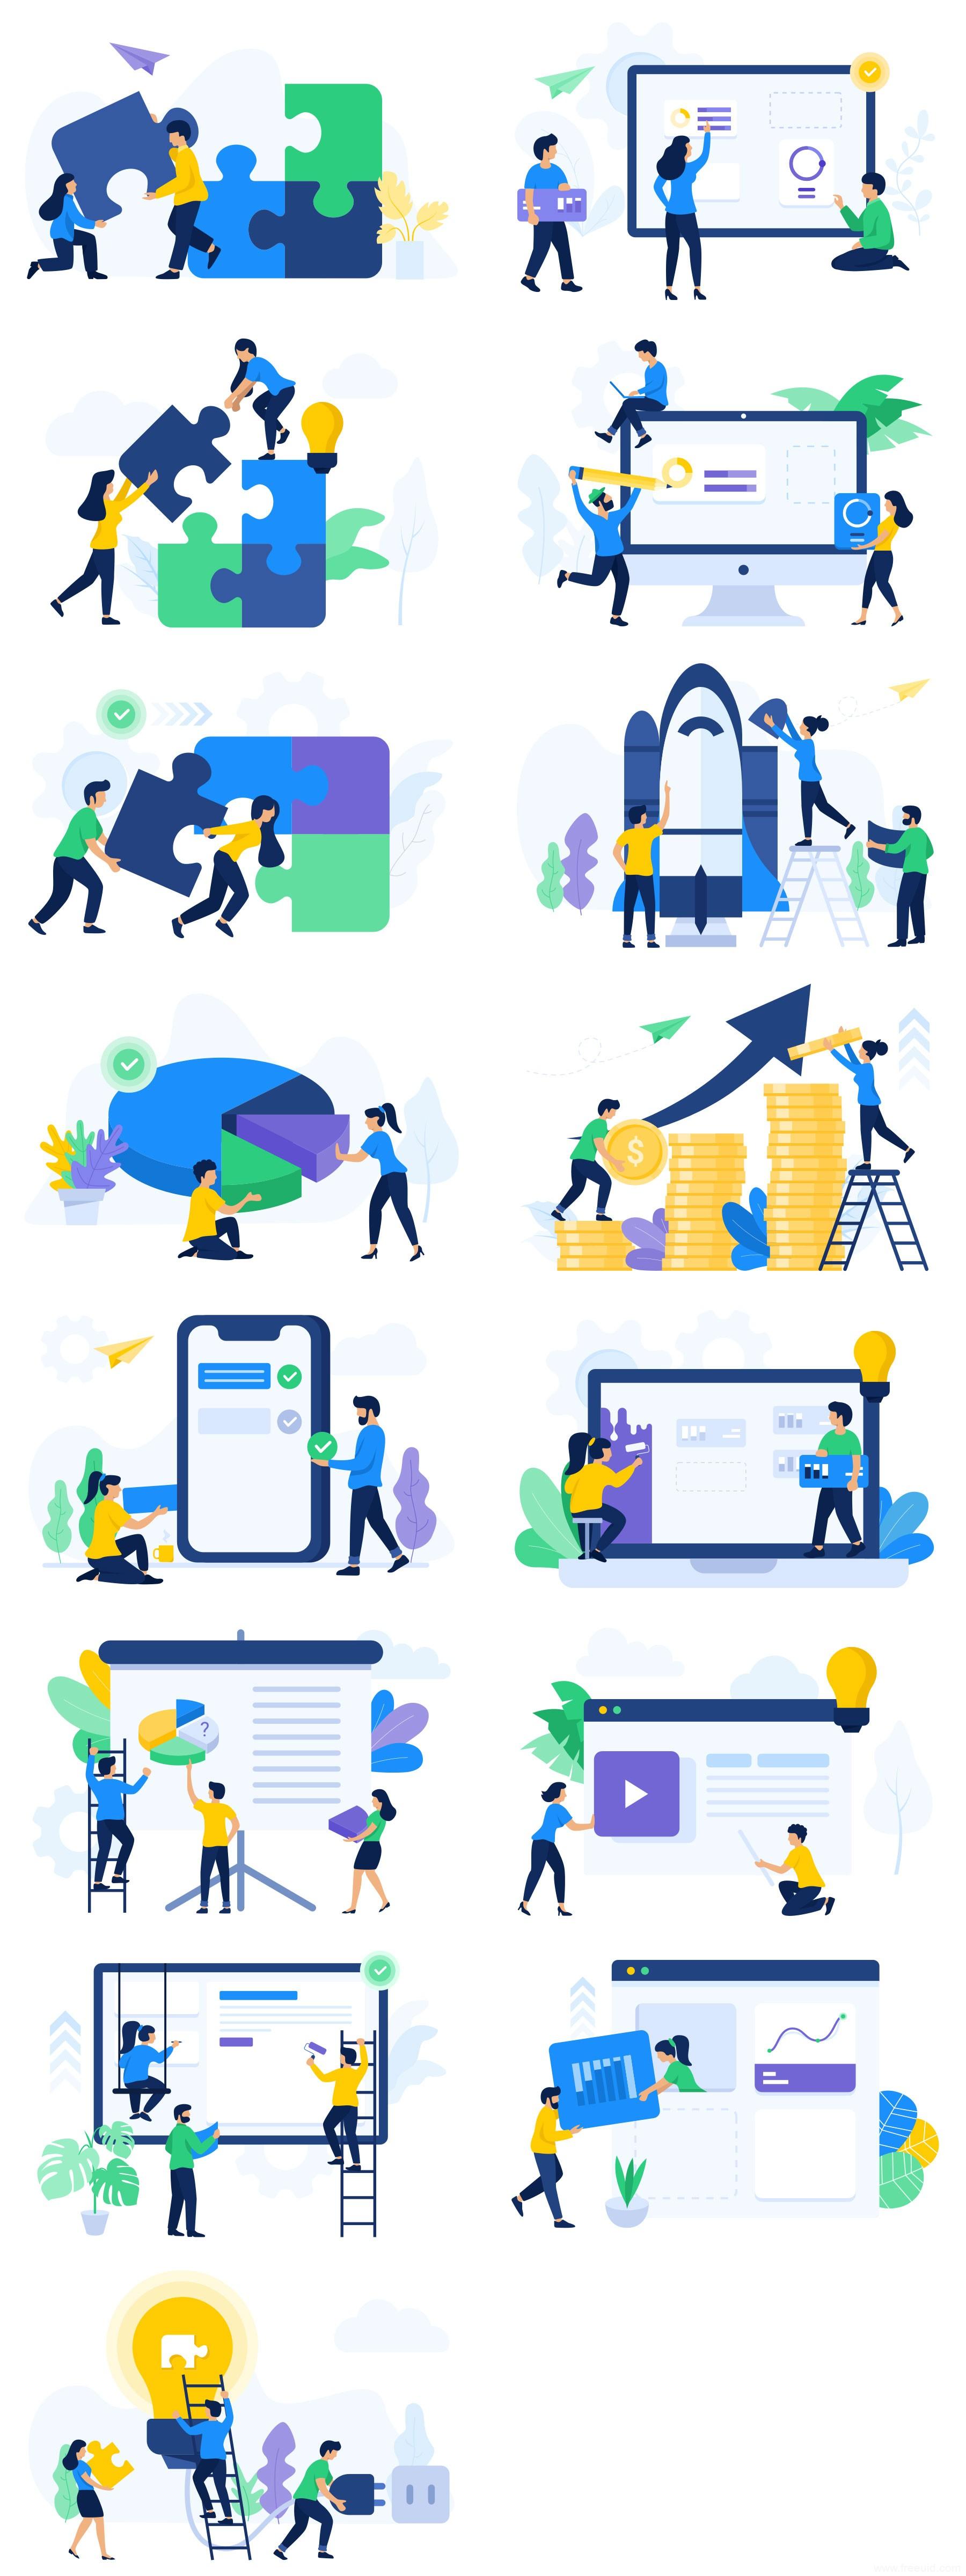 15 张团队协作元素插画,办公插画sketch源文件下载,商务风插画